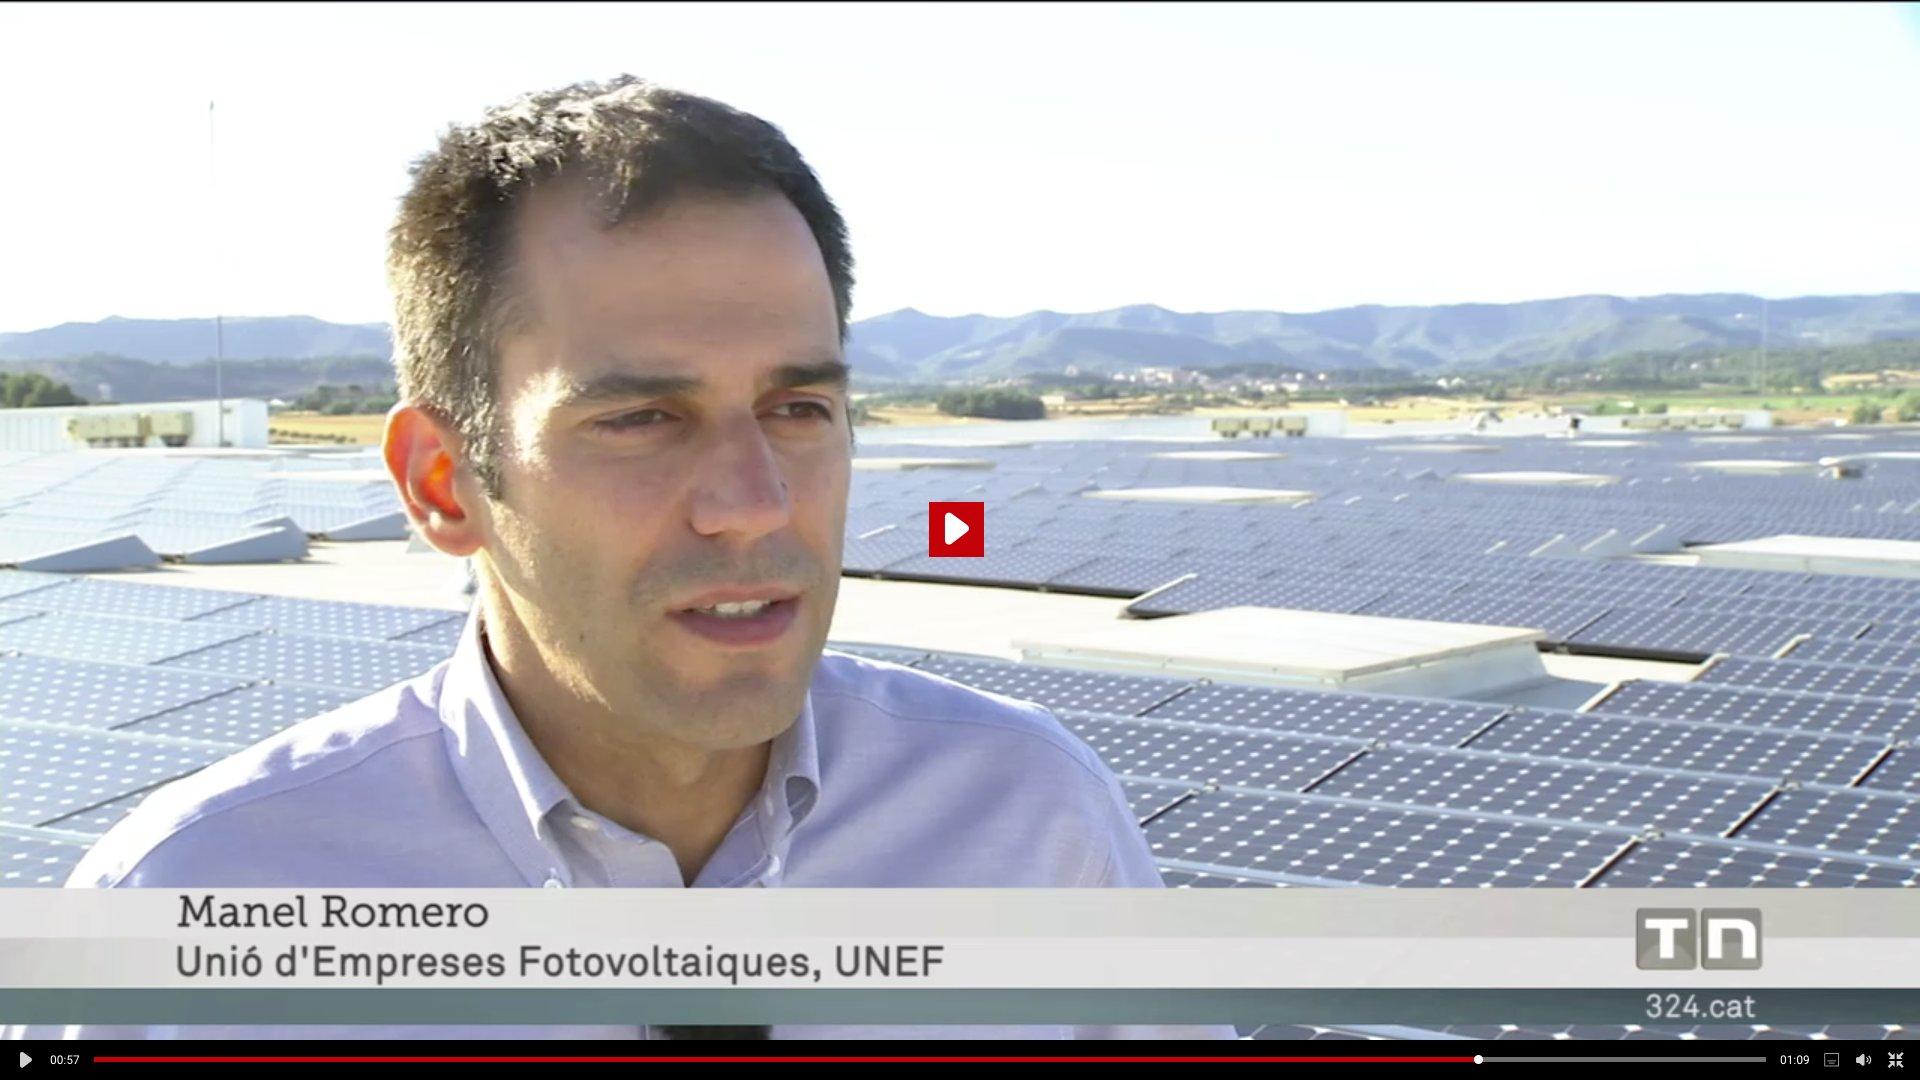 Ahir TV3 va parlar sobre l'impost al sol. Hi surt Manel Romero de SUD i presentant d'UNEF. https://t.co/2lTwOxHDiD https://t.co/jVhURDirNs